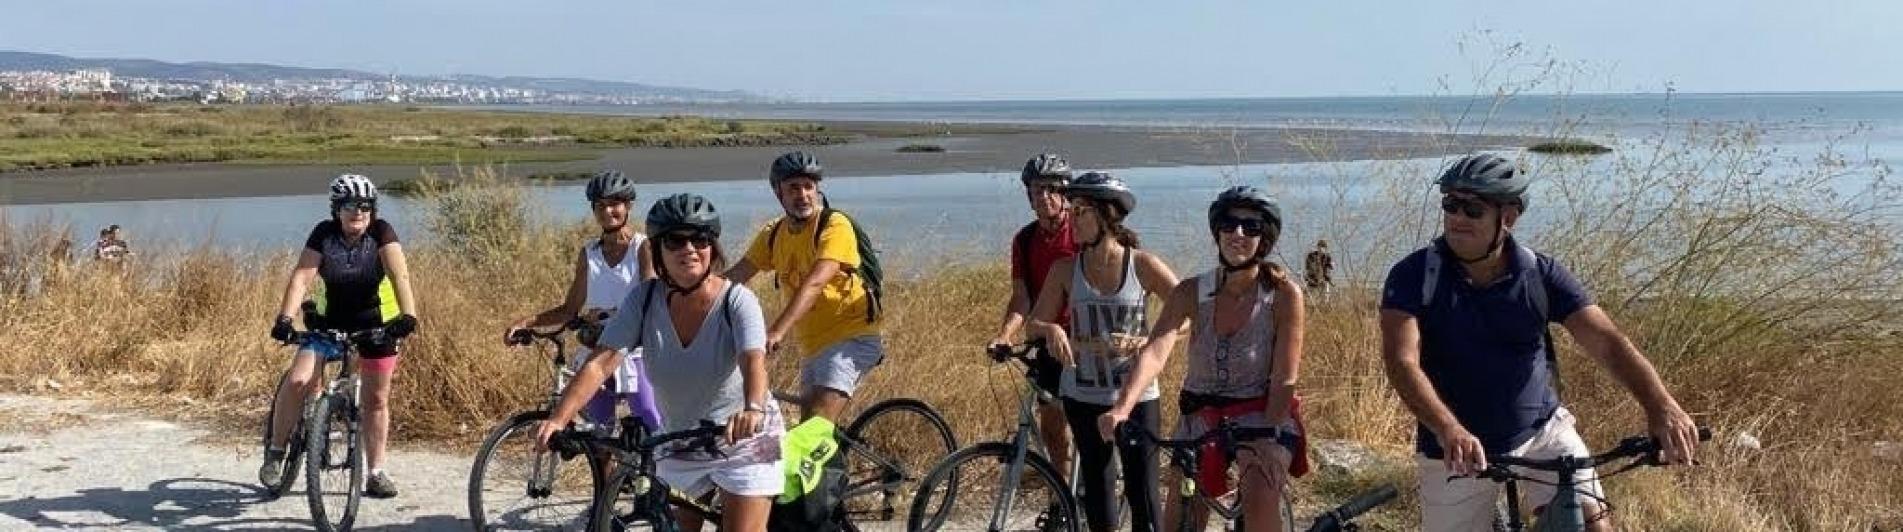 rota_avieiros_bicicleta-10